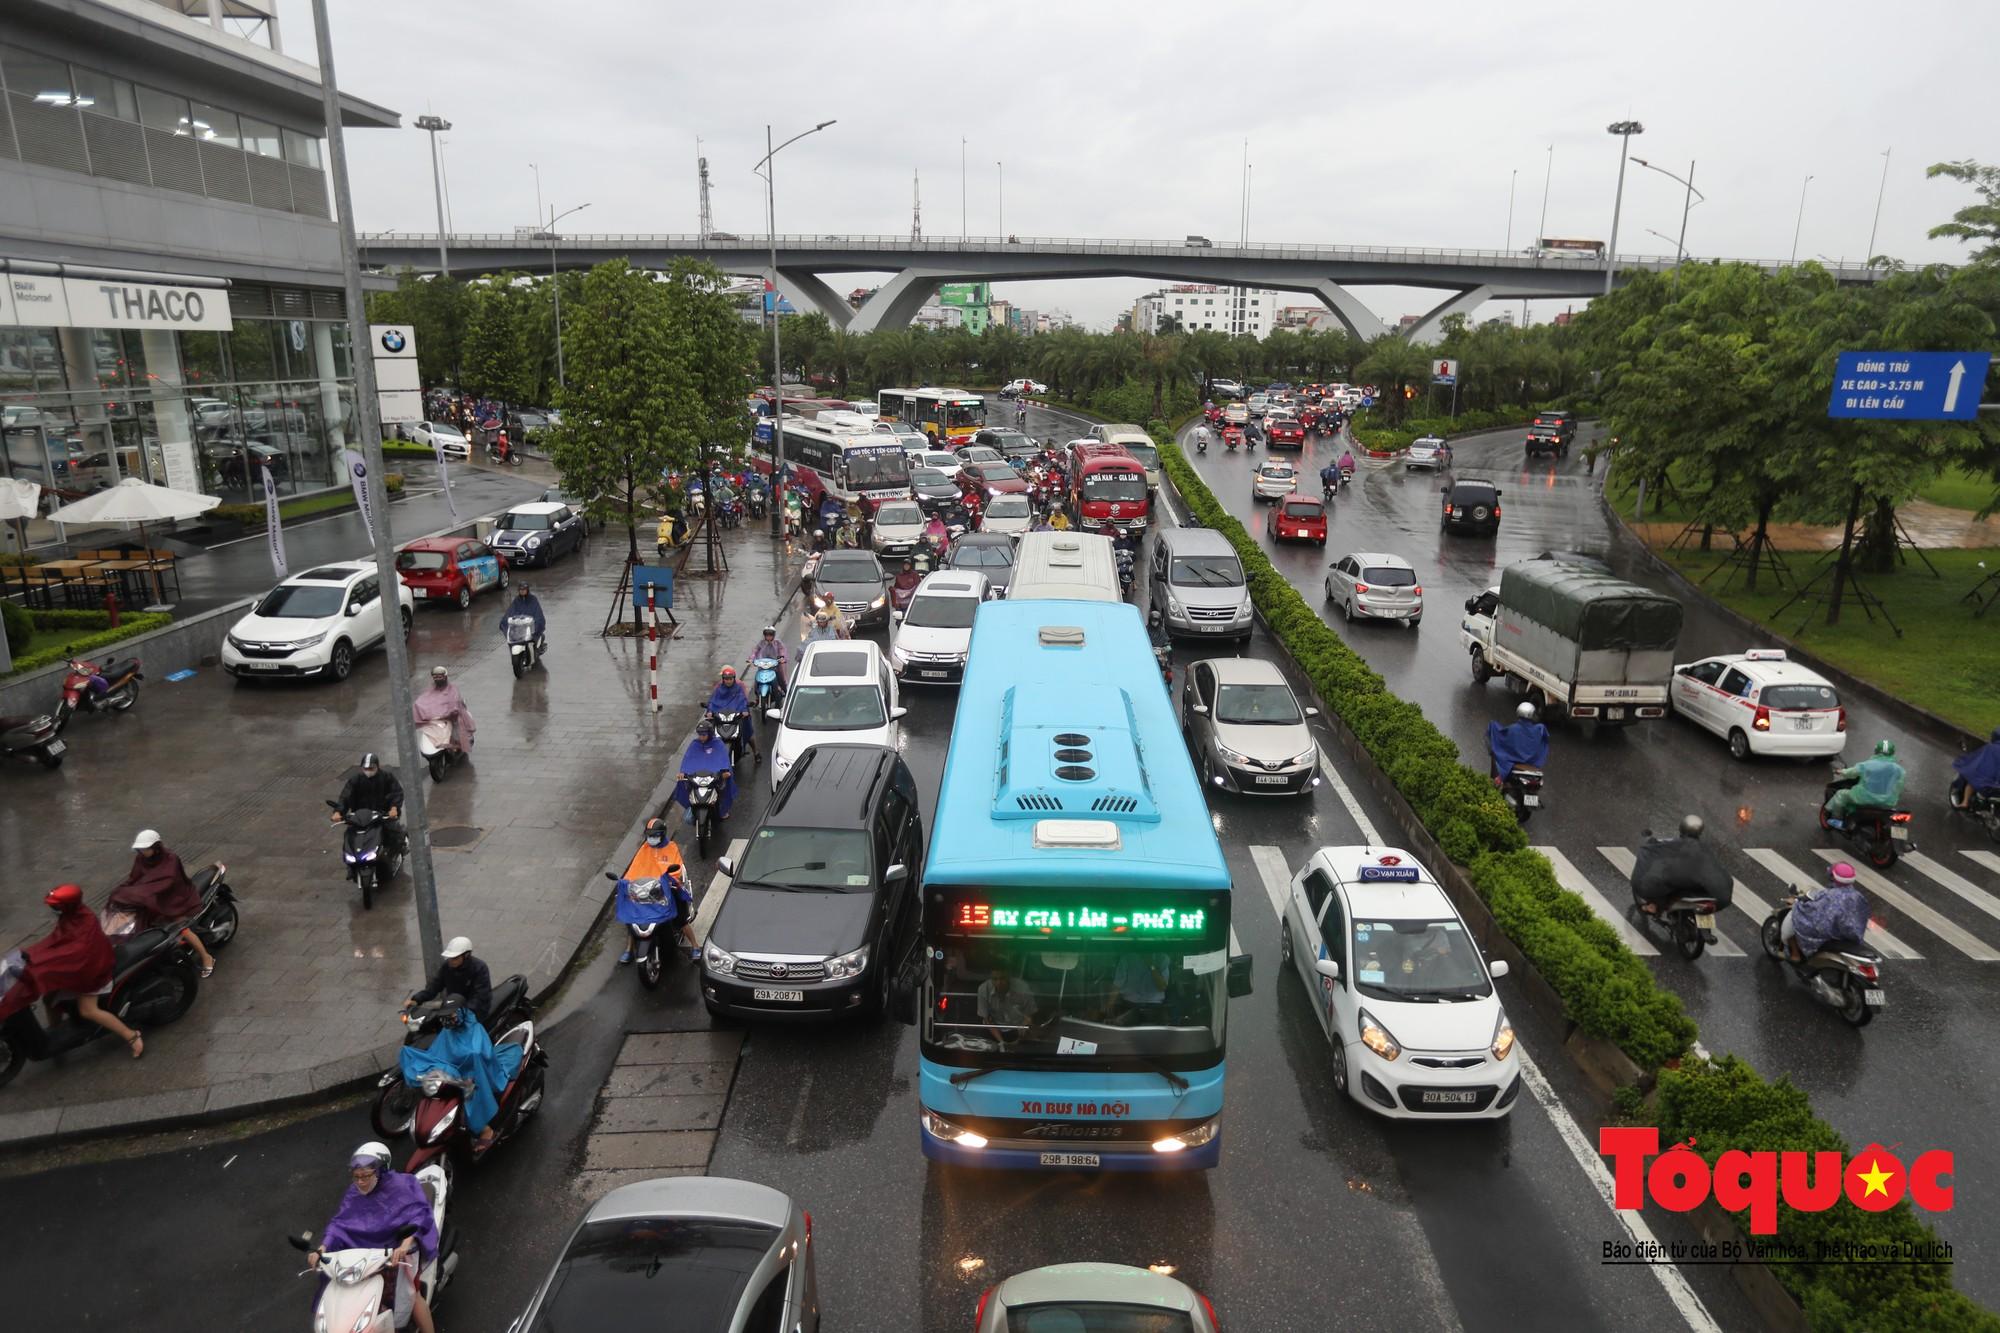 Hình ảnh xưa nay hiếm ở Thủ đô Hà Nội  cha mẹ cõng con vượt sông trong phố đến trường12